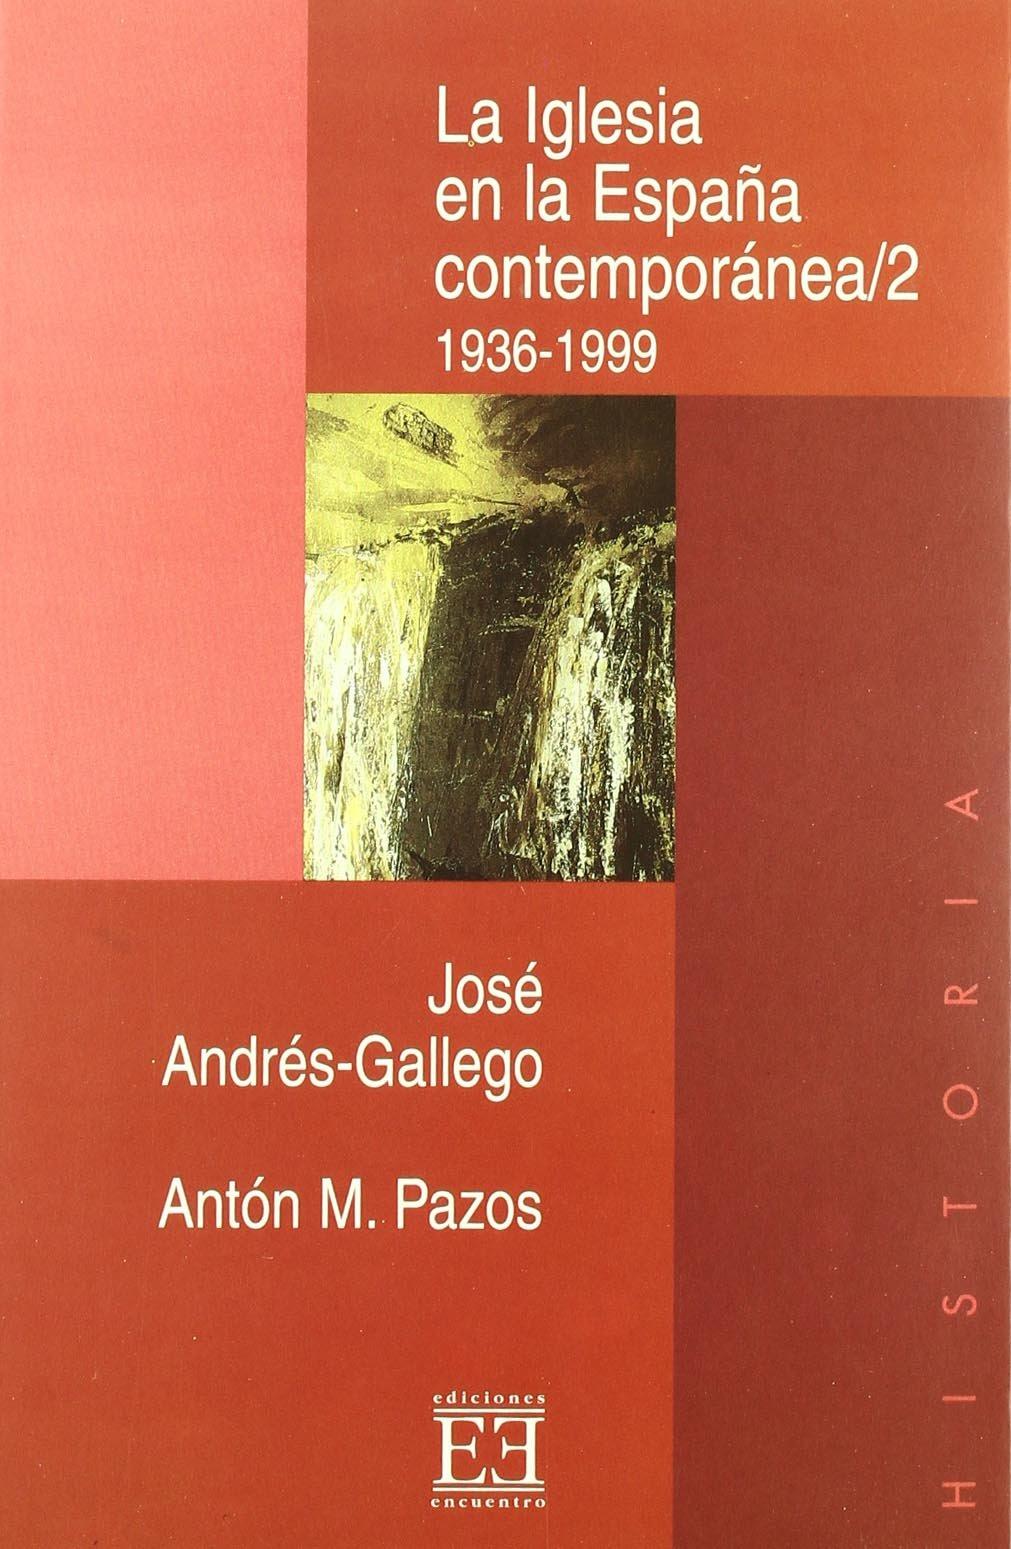 La Iglesia en la España contemporánea/2: 1936-1999 Ensayo: Amazon ...